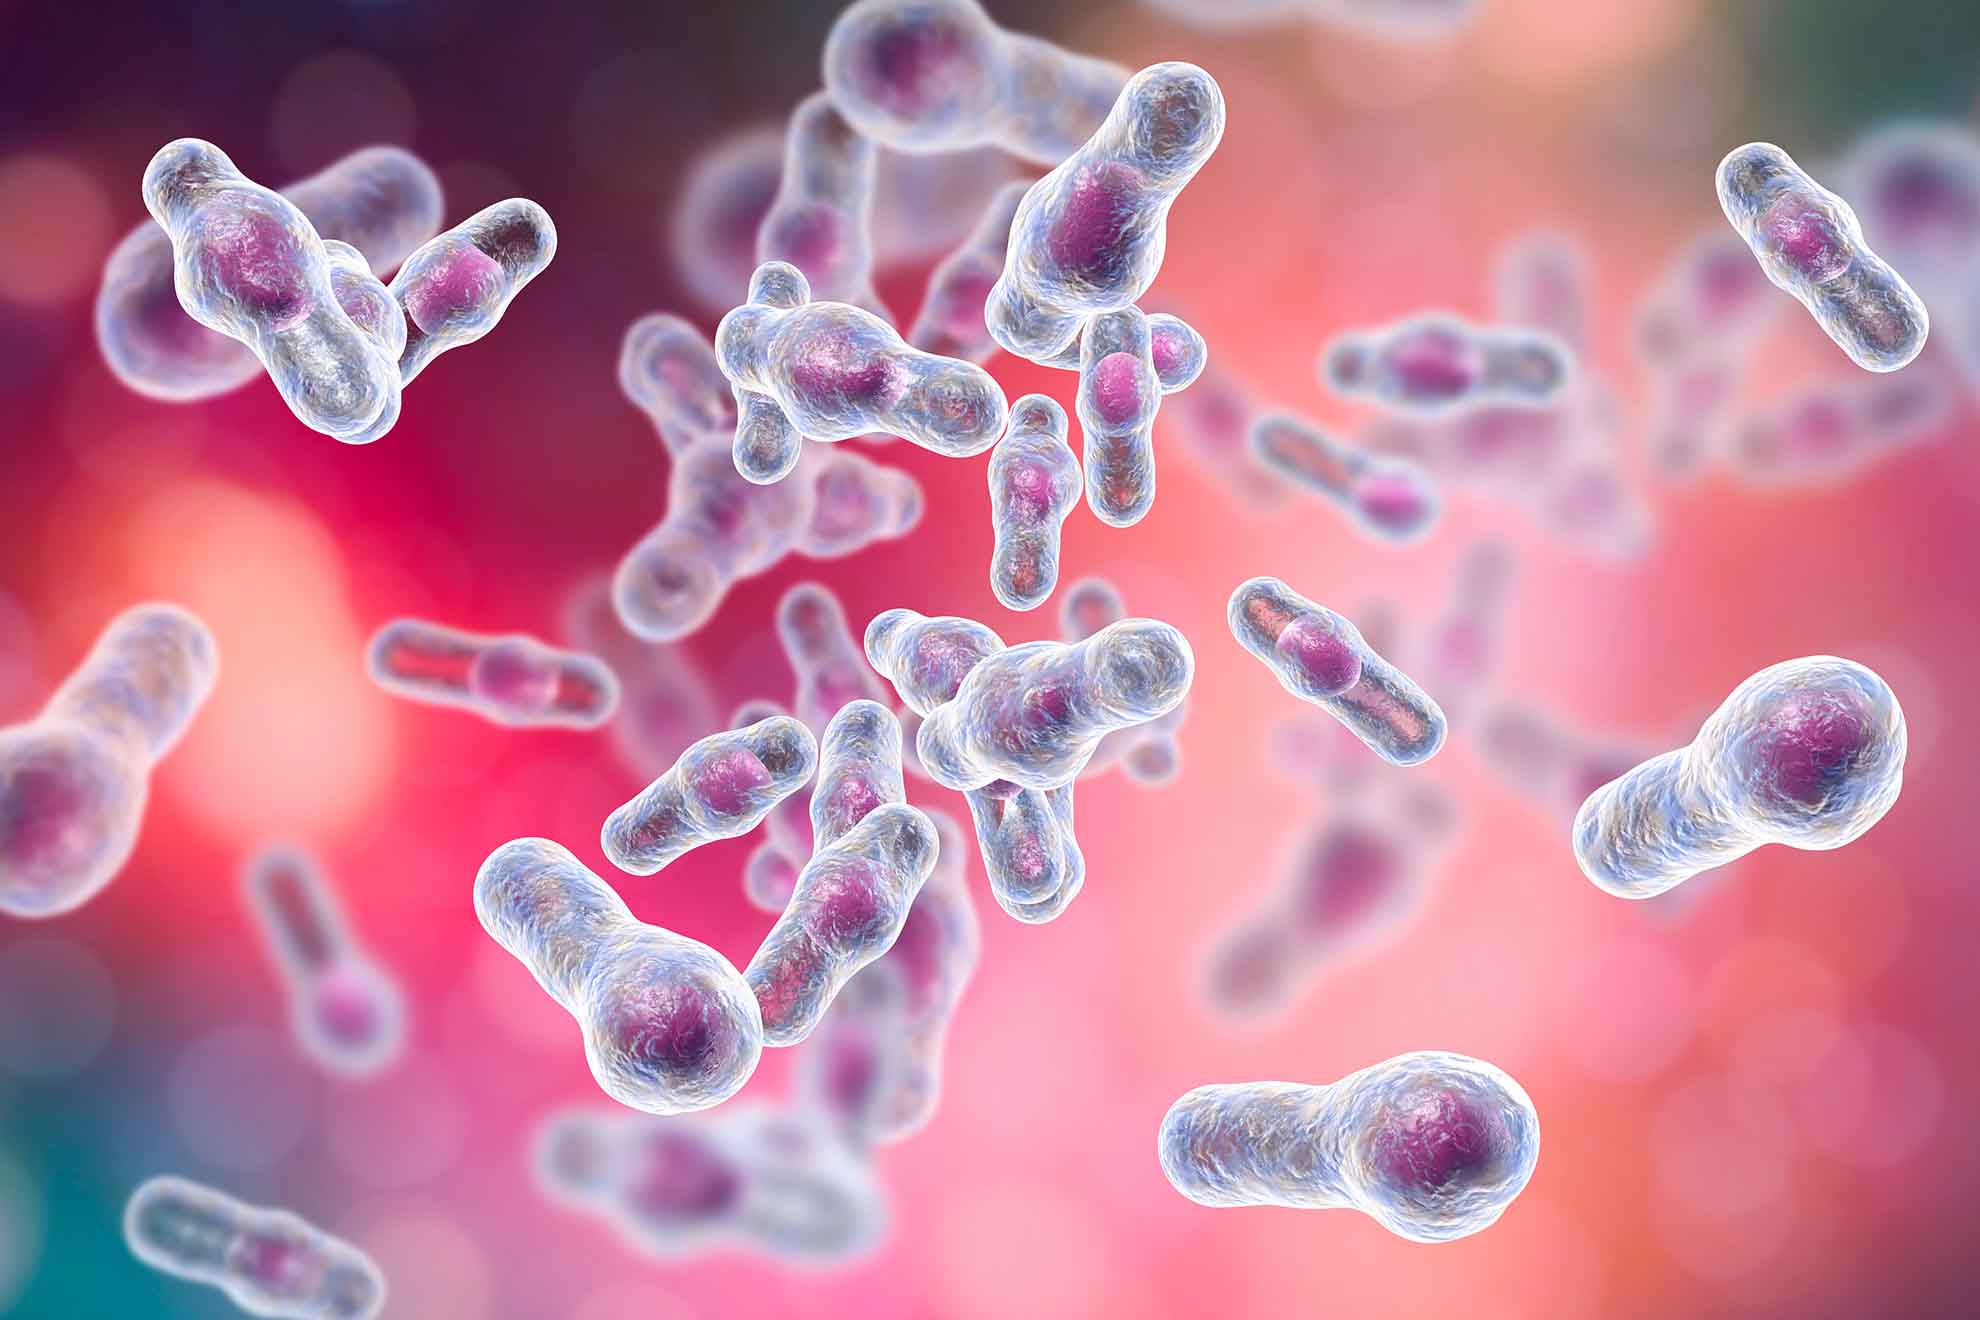 """Besonders häufig nimmt der Keim """"Clostridium difficile"""" im Darm Überhand und führt zu Problemen: Bis zu 20 % der Antibiotika-assoziierten Durchfälle (AAD) werden durch dieses schädliche Bakterium ausgelöst – im Fachjargon spricht man dann von der Clostridium-difficile-assoziierten Diarrhö (CDAD)."""